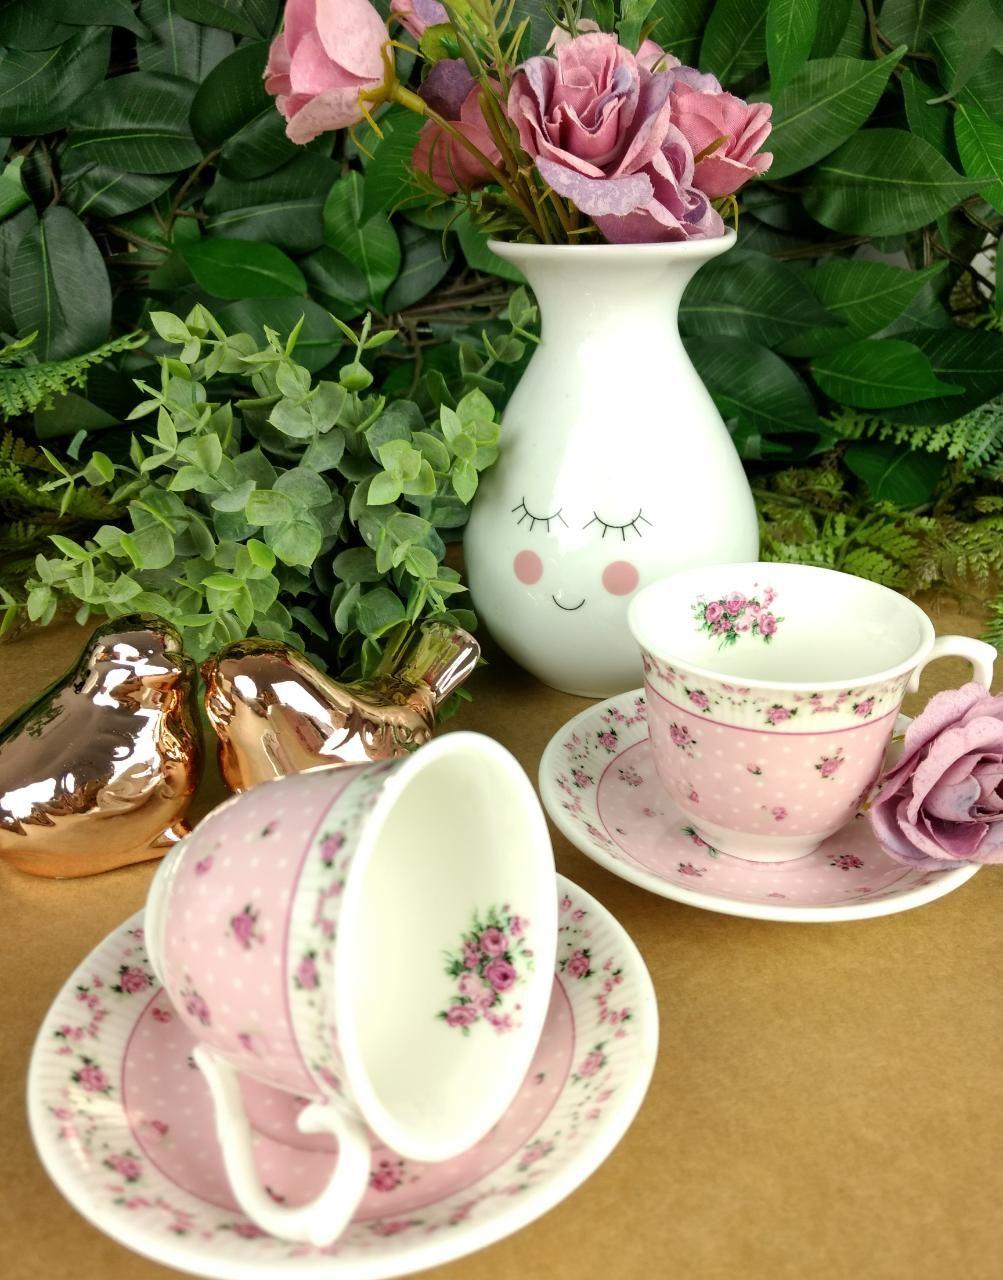 Xicara Vintage Floral Decoracao De Casa Rosa Panela Rosa Cafe Vintage